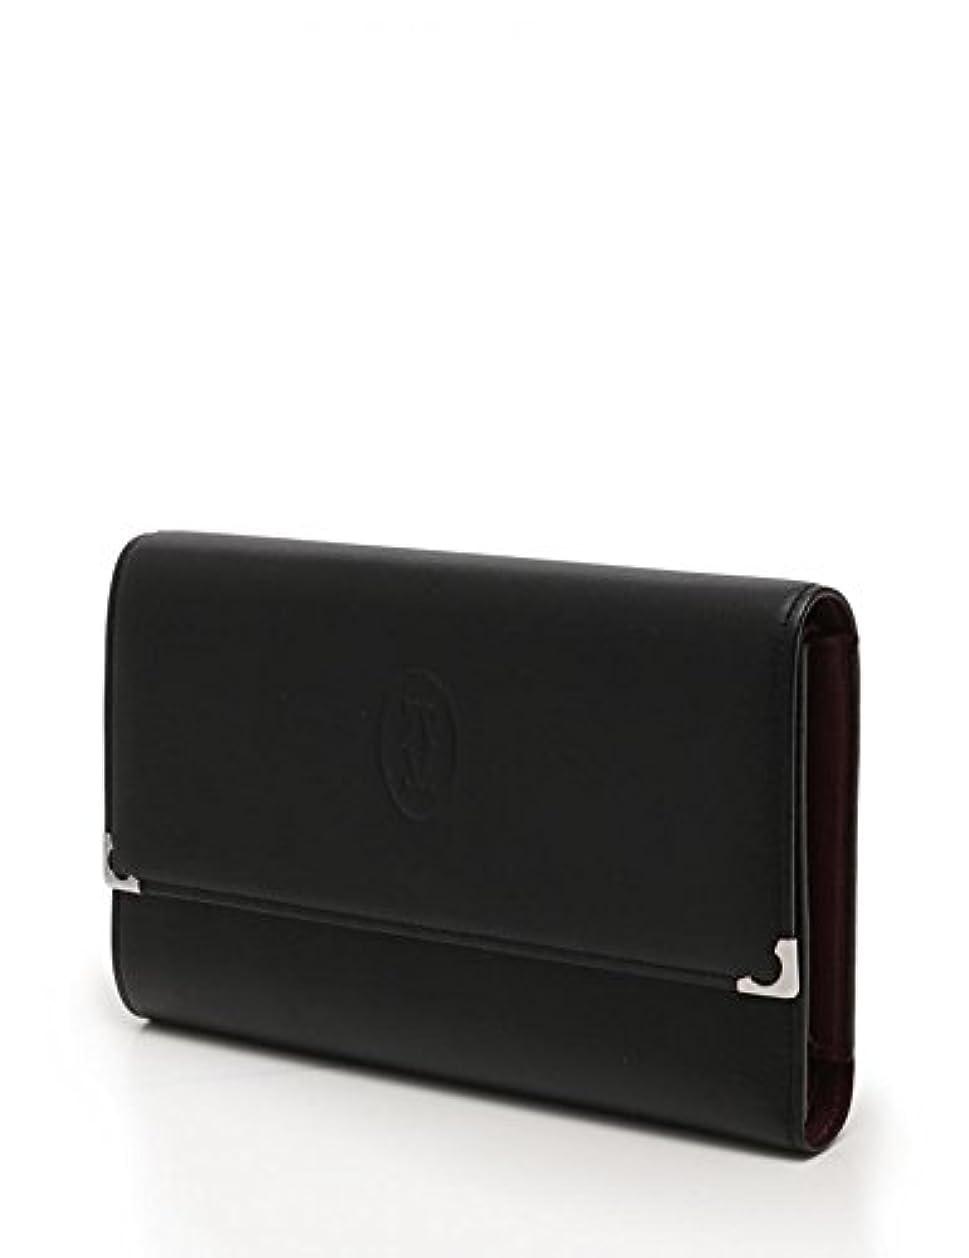 ミリメートル外交問題アルコール(カルティエ)Cartier カボション 三つ折り財布 L3000599 レザー 黒 ボルドー レディース 中古